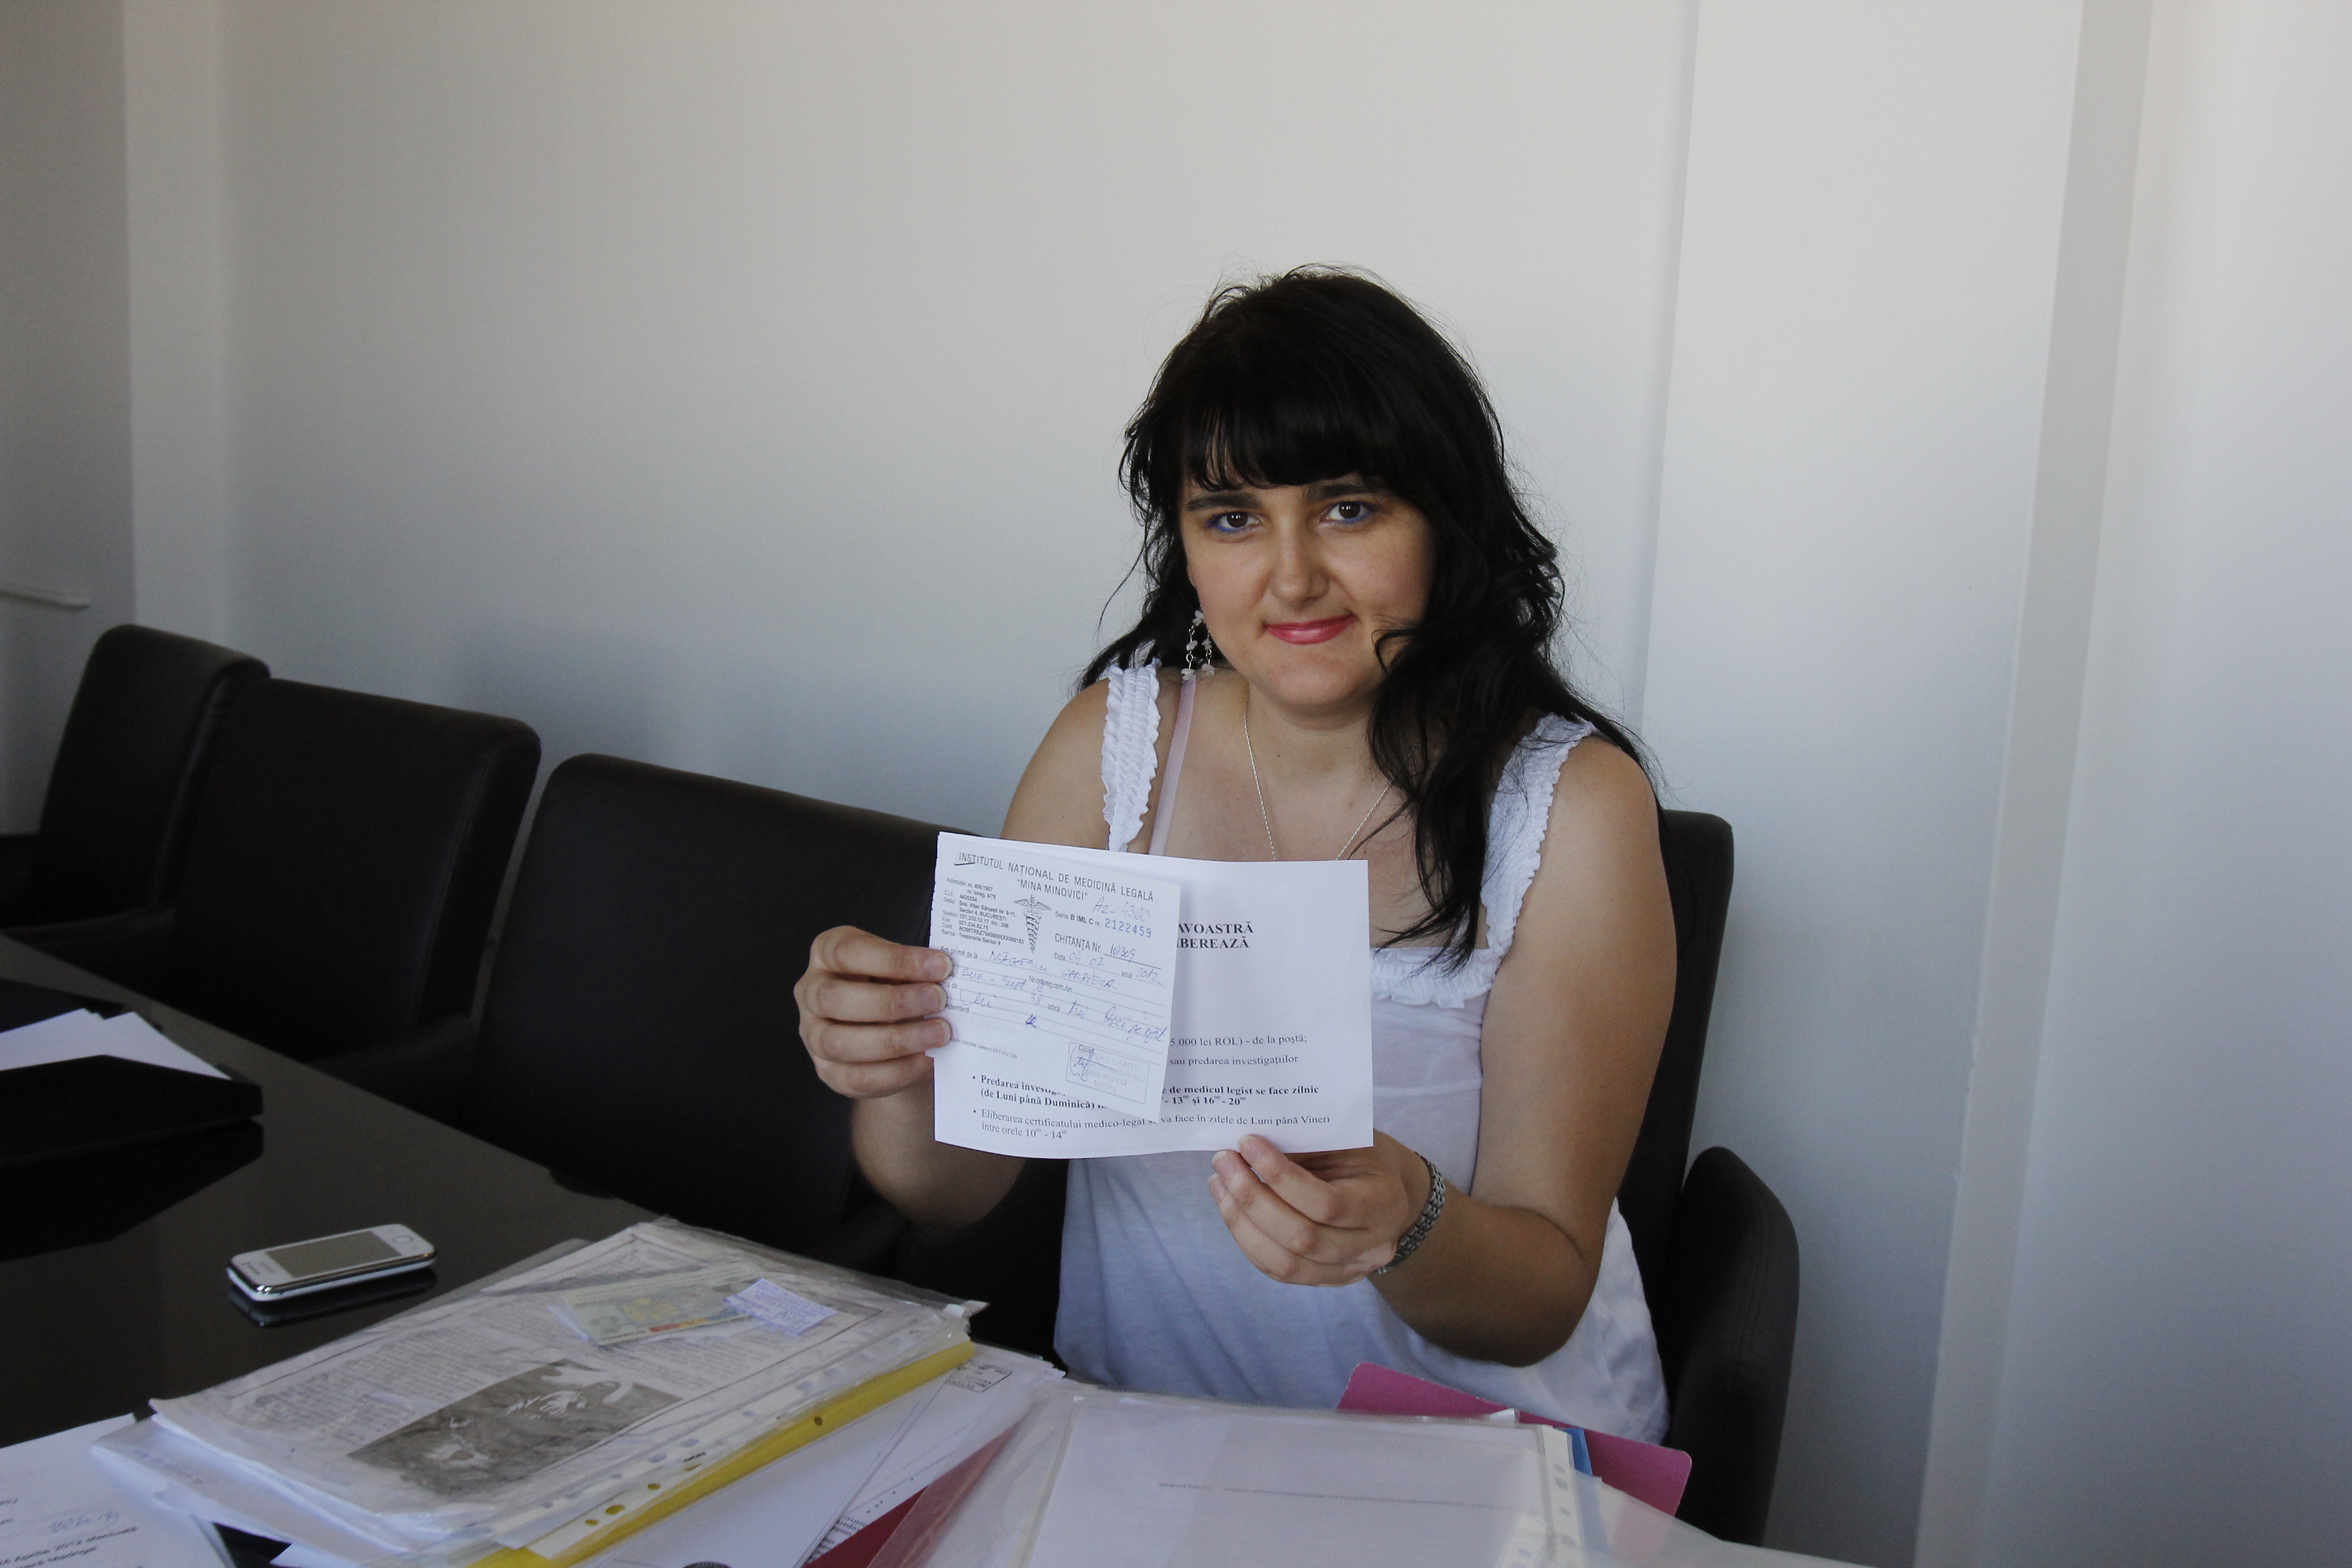 Gabriela Dragoescu